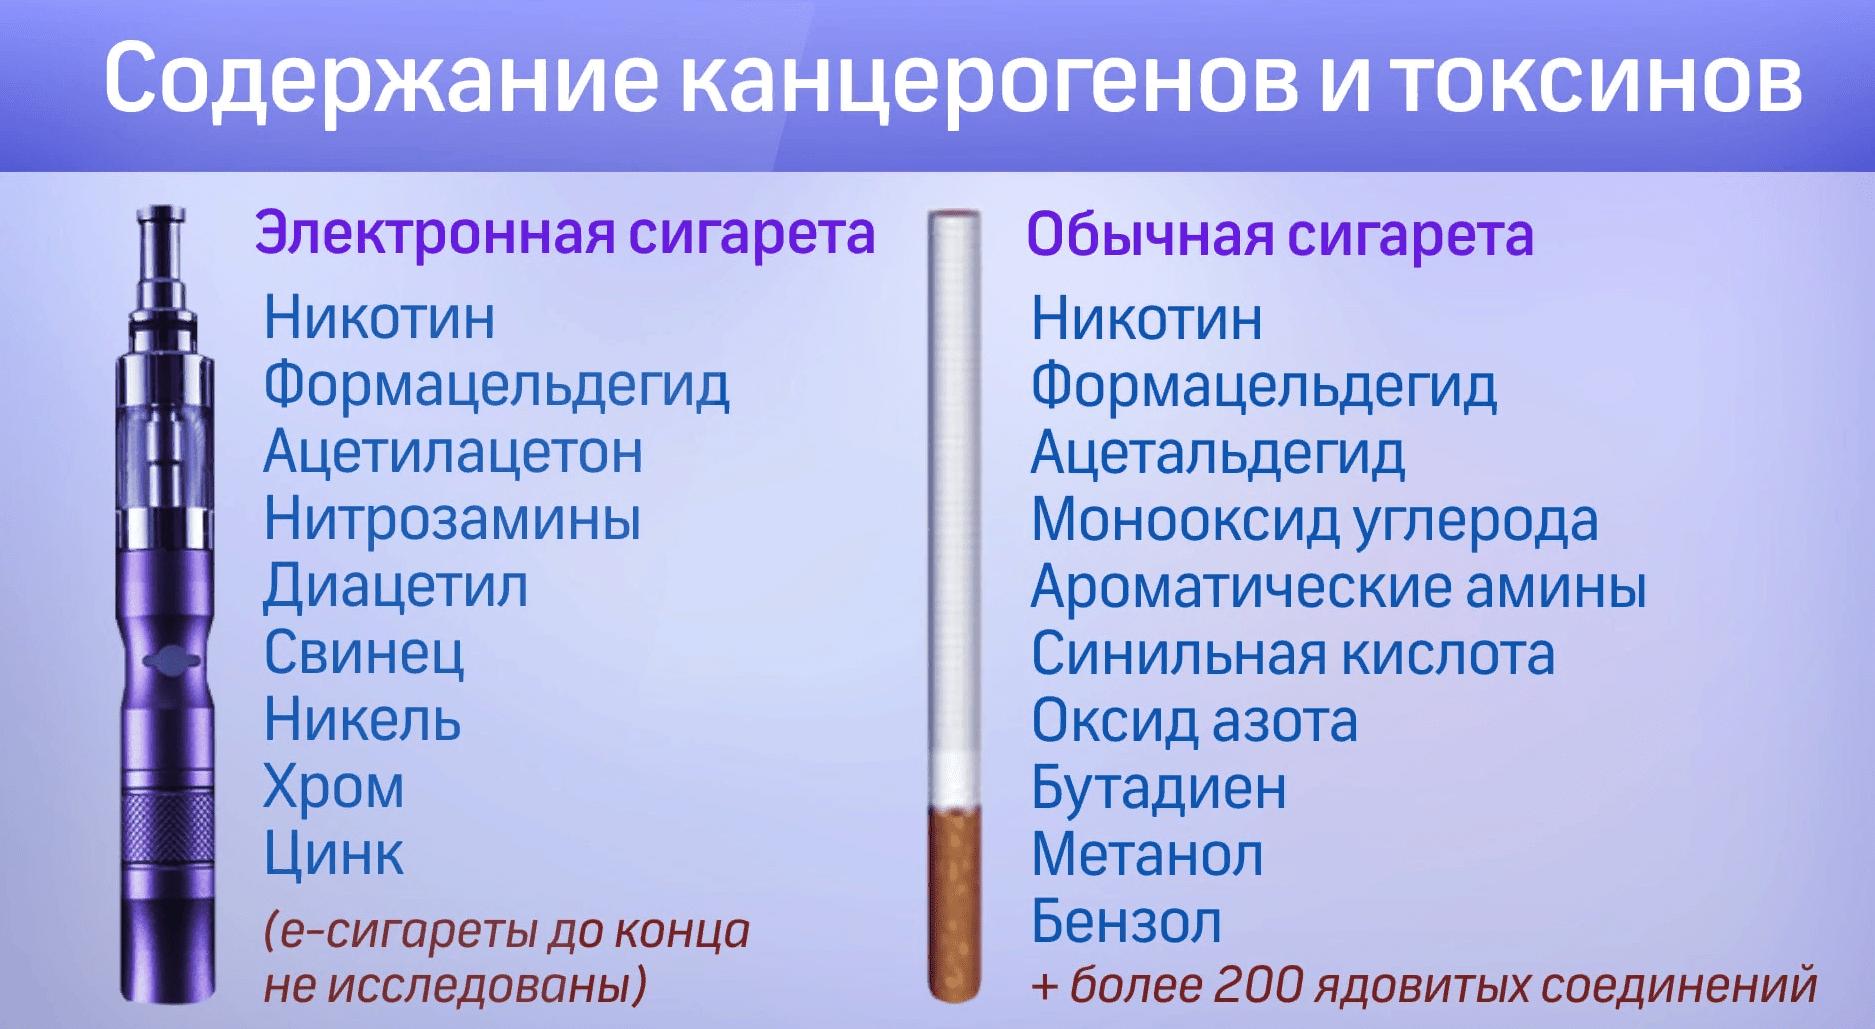 Жидкостей для электронных сигарет много, режимы работы устройств отличаются, поэтому нет